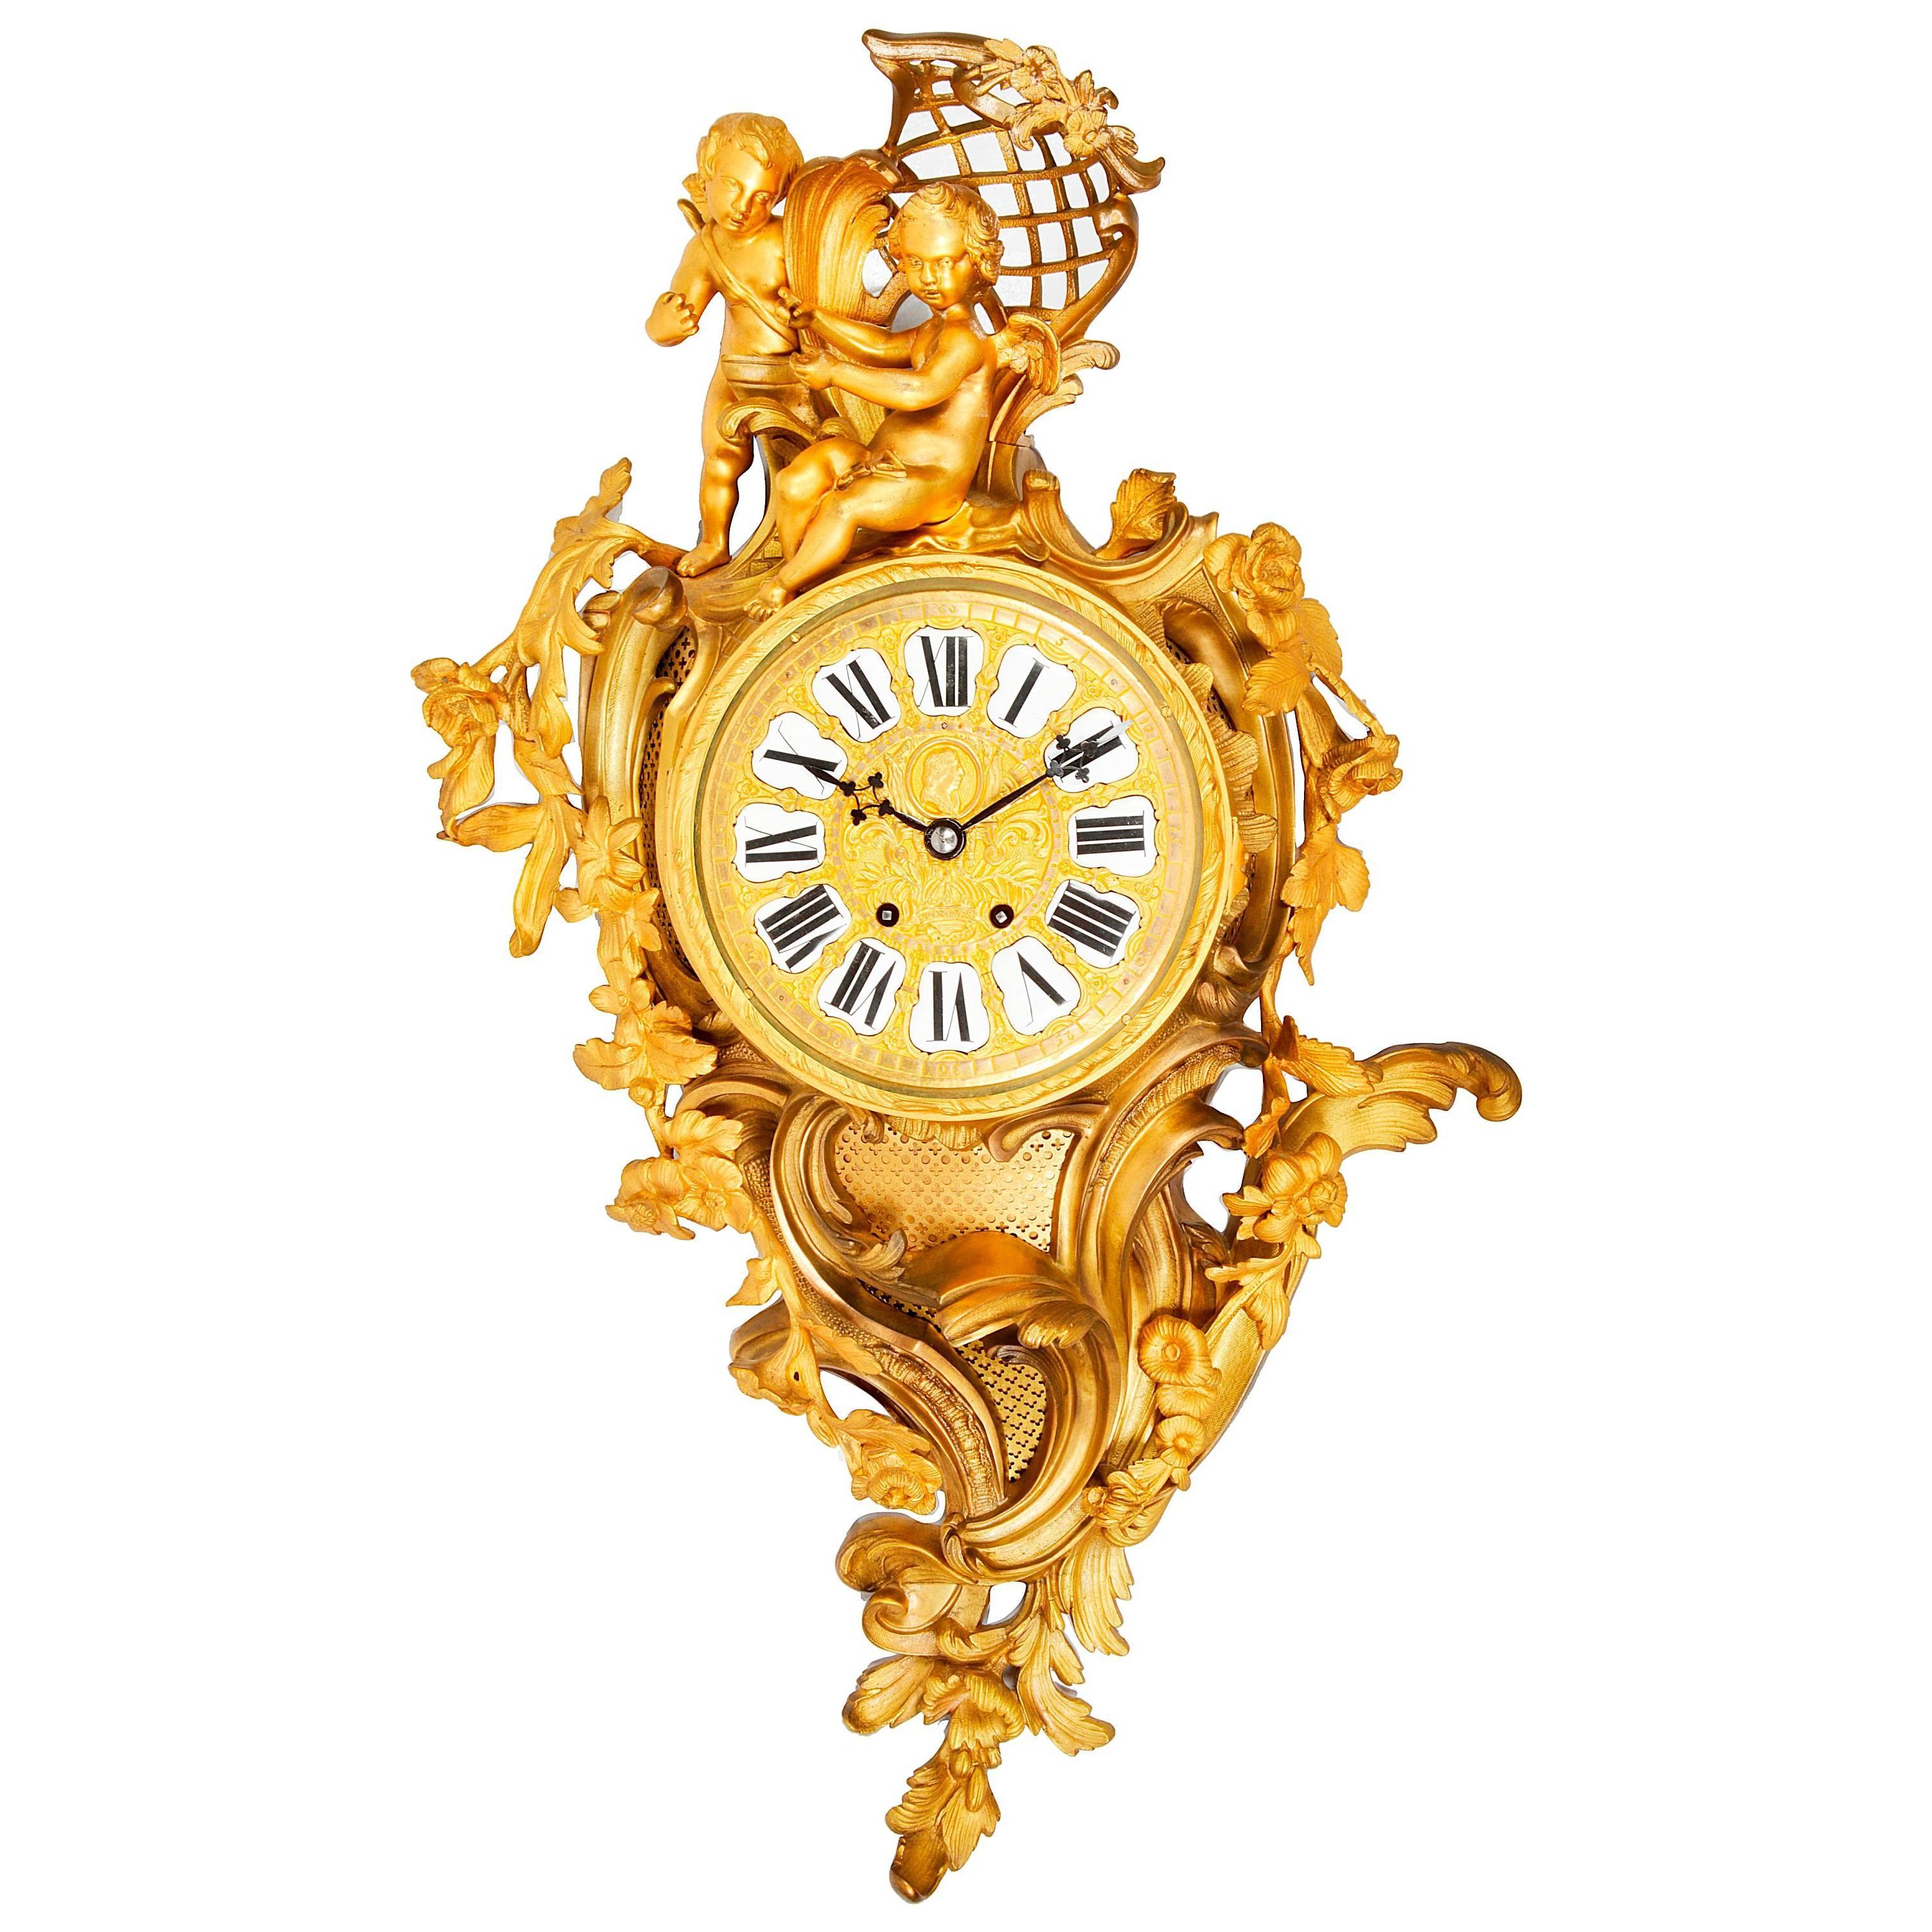 French 19th Century Ormolu Cartel Wall Clock